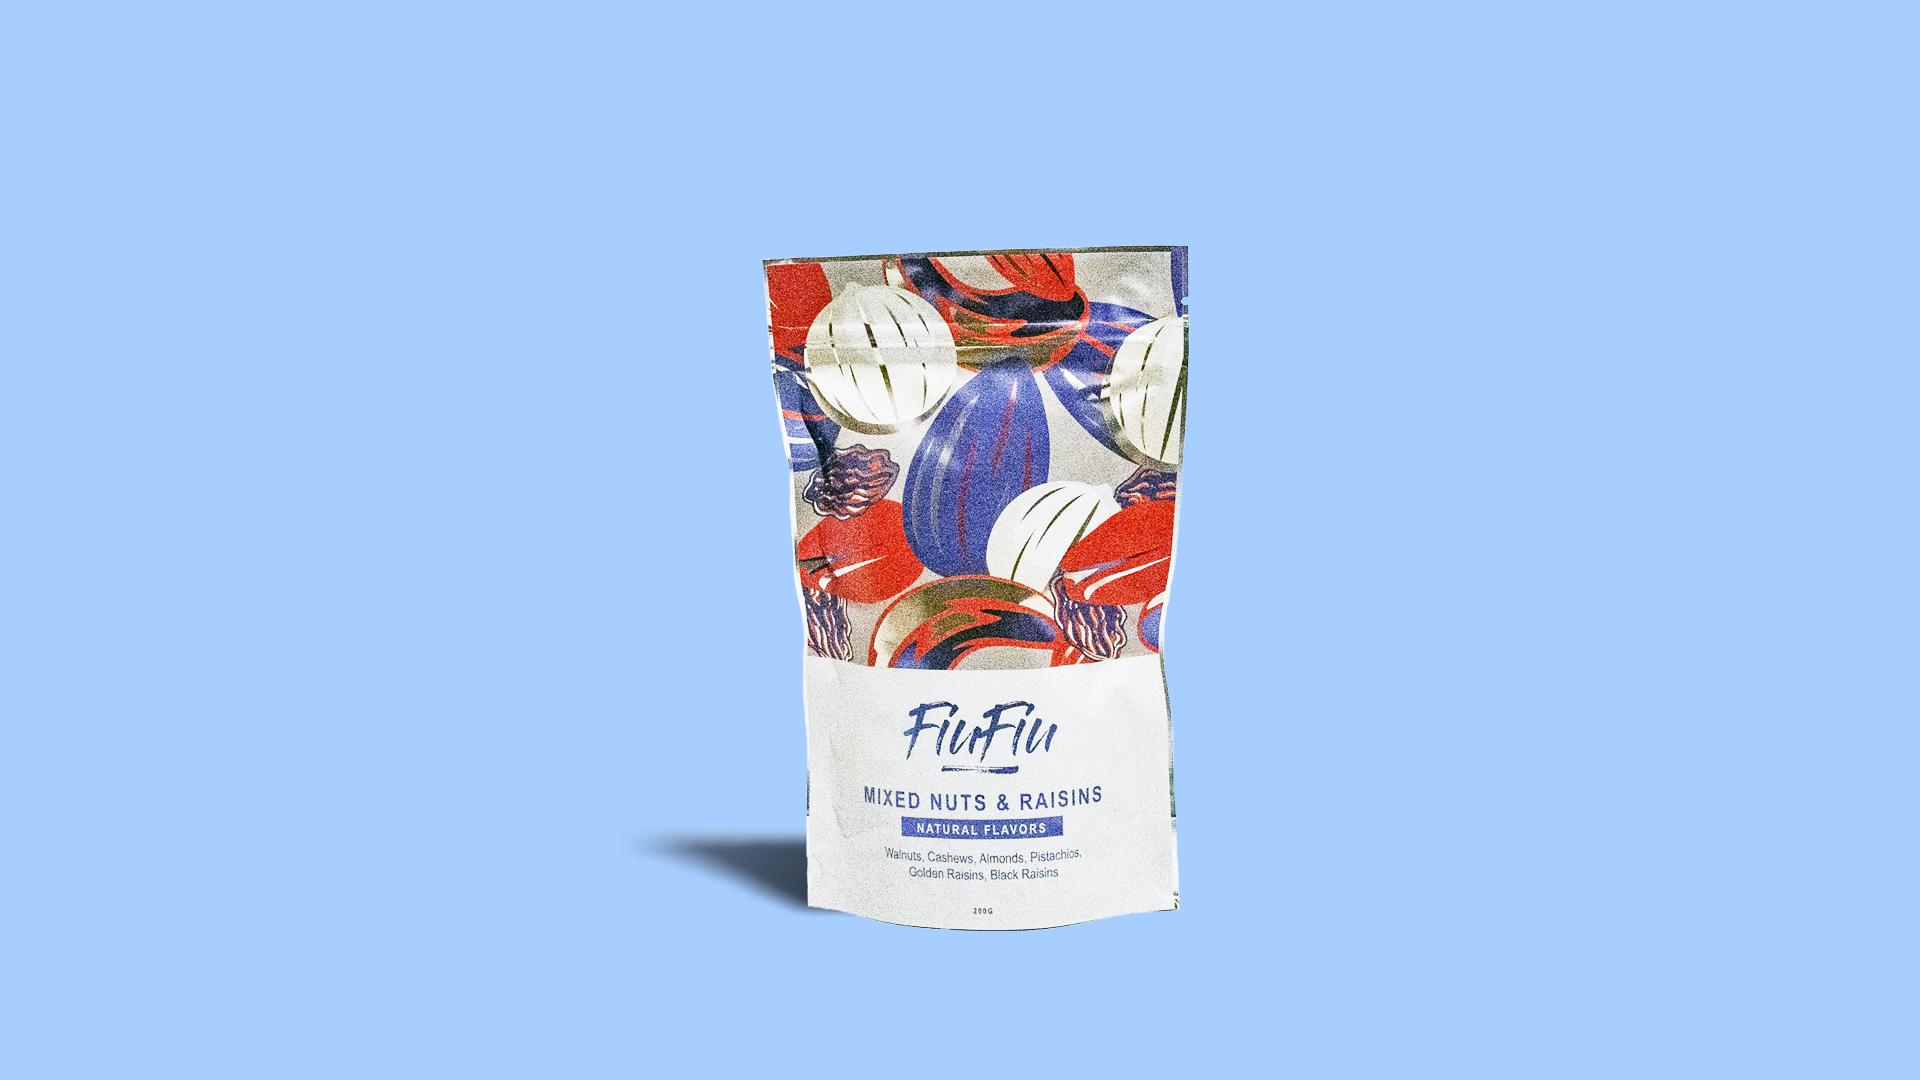 Dry Food Packaging